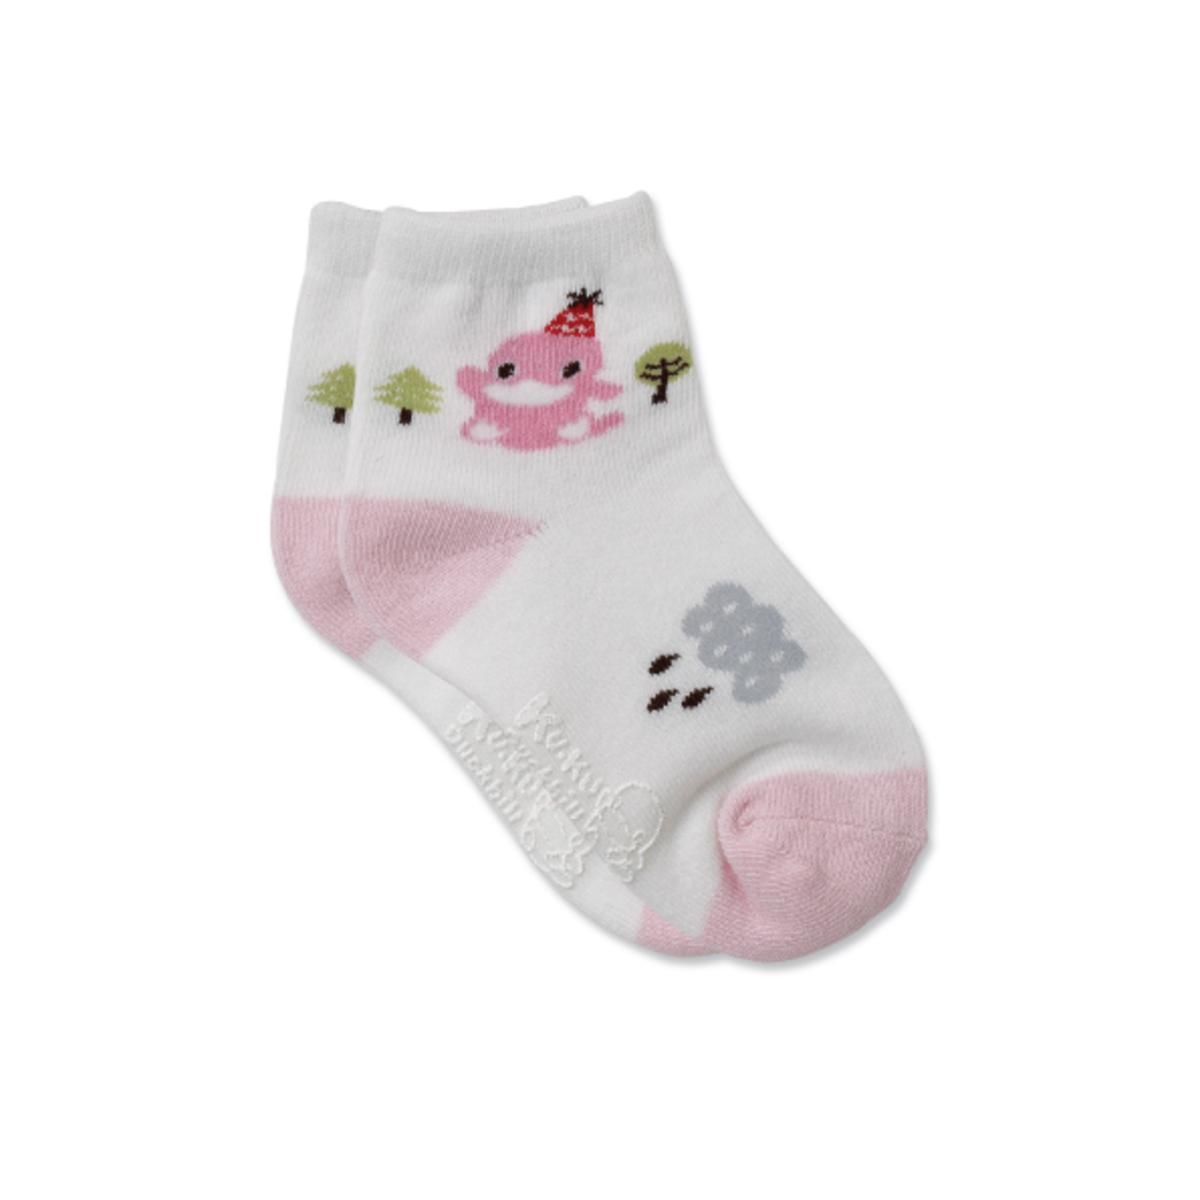 森林兒童襪 - 粉紅色 (size: M)